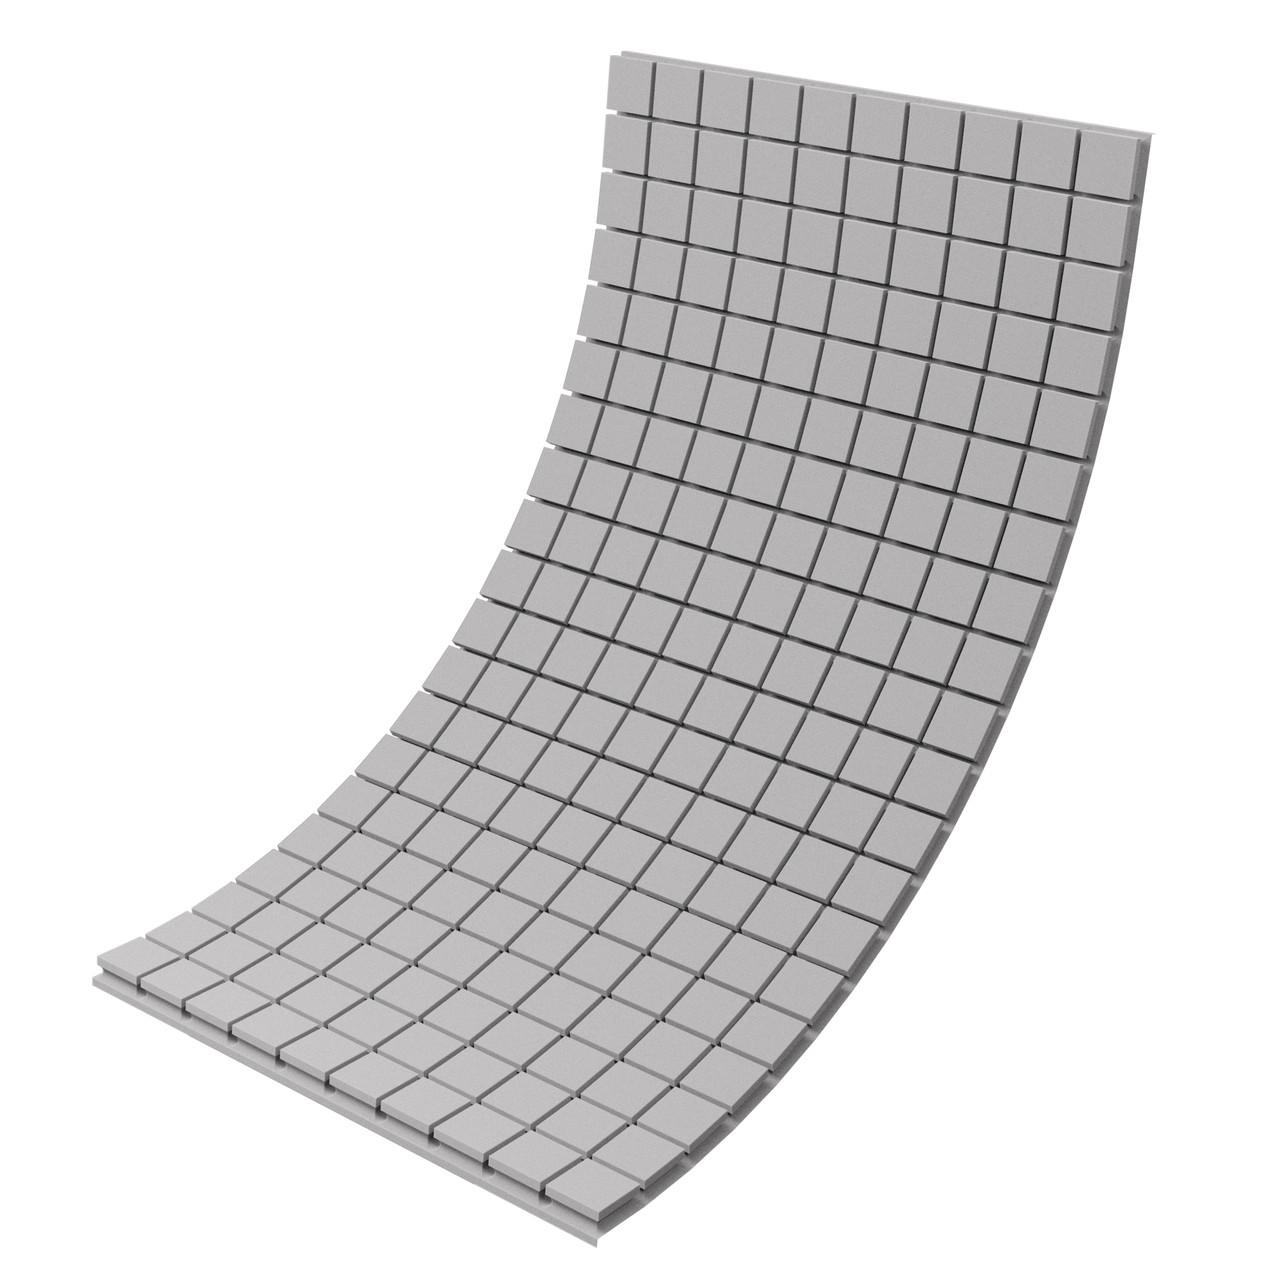 Панель из акустического поролона Ecosound Tetras Gray 100x200 см, 50 мм, серый